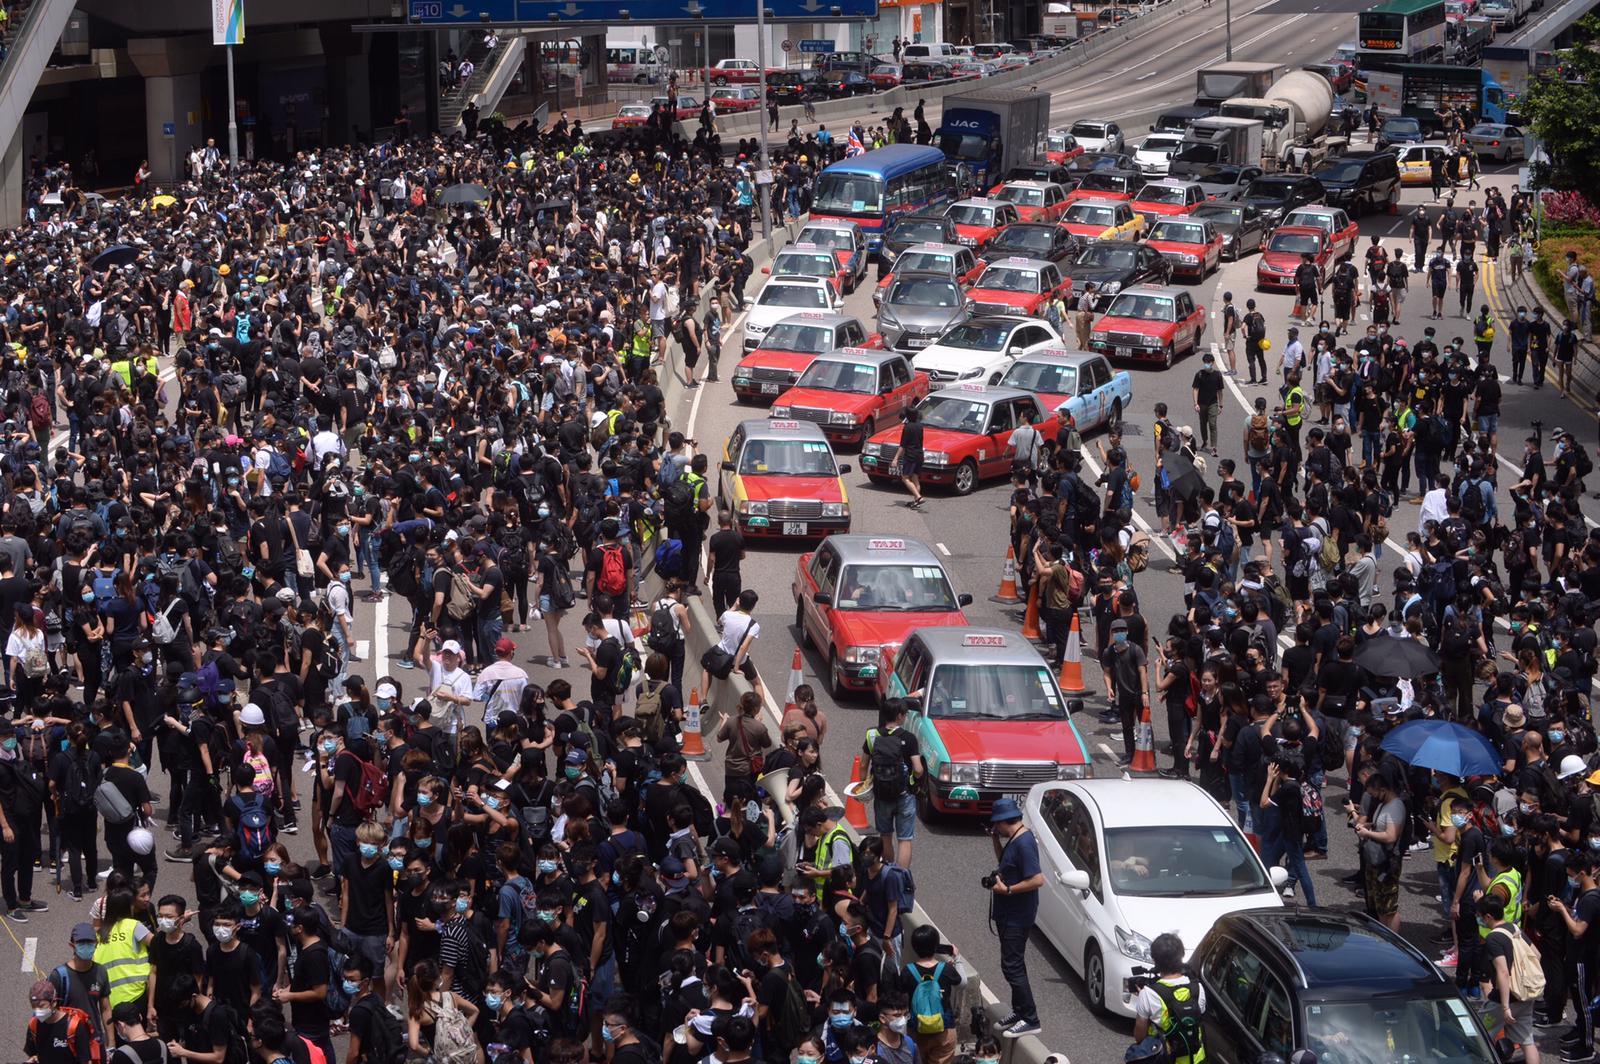 反对《逃犯条例》修订的大规模示威持续。